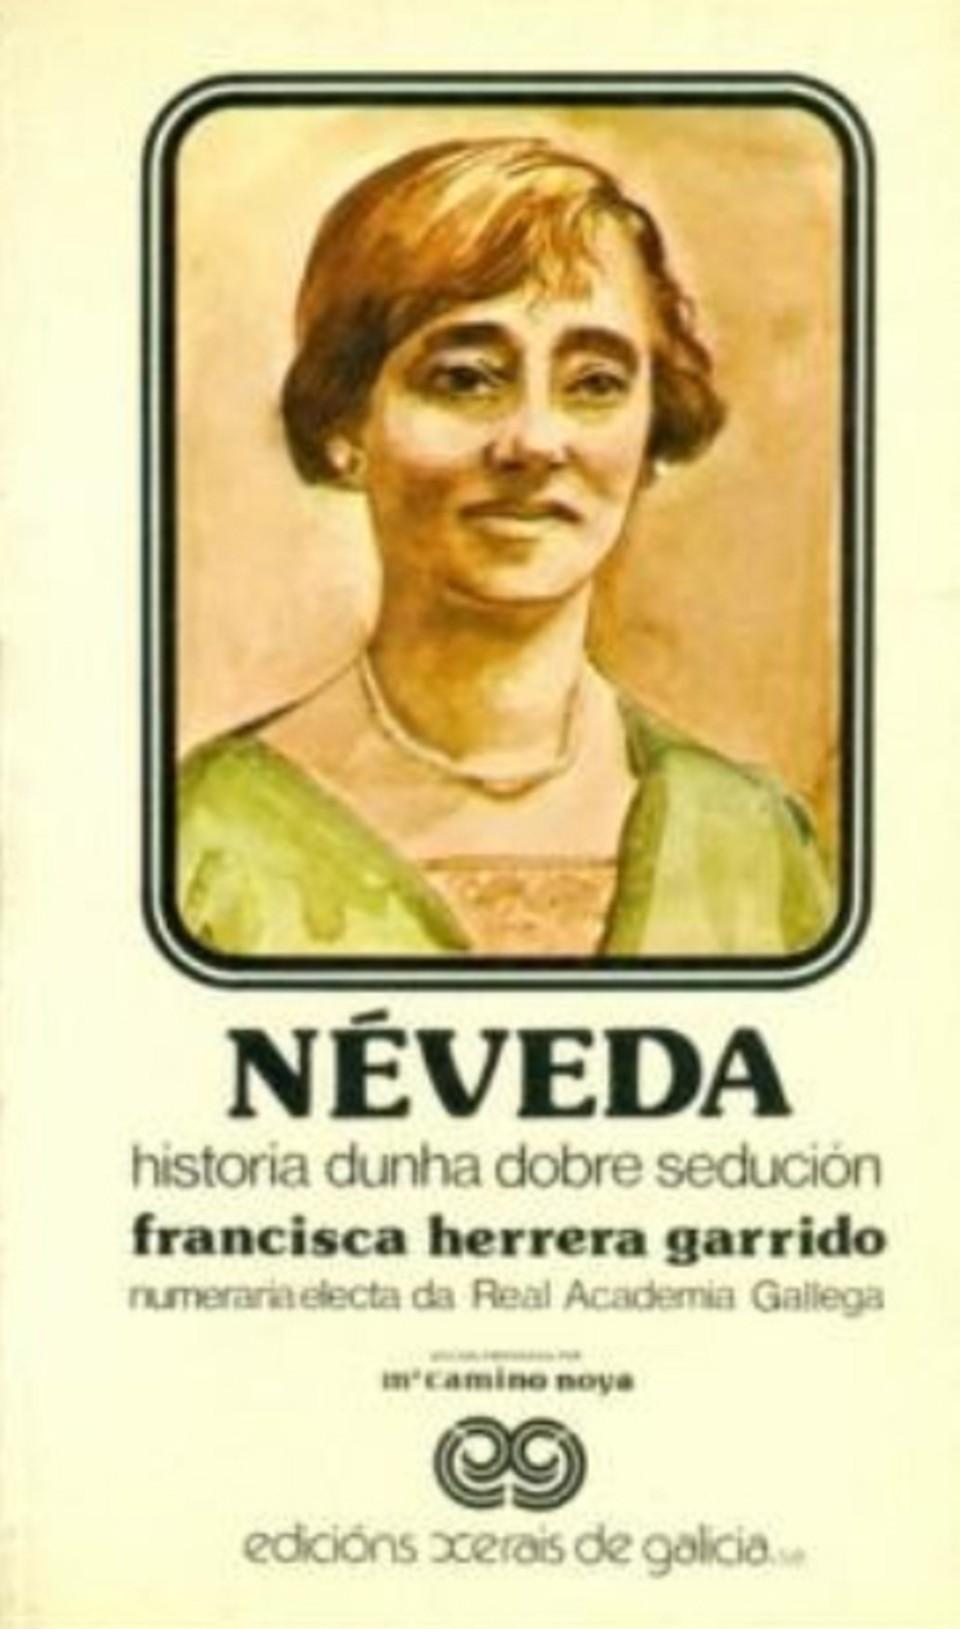 Escritoras galegas: Néveda, Francisca Herrera